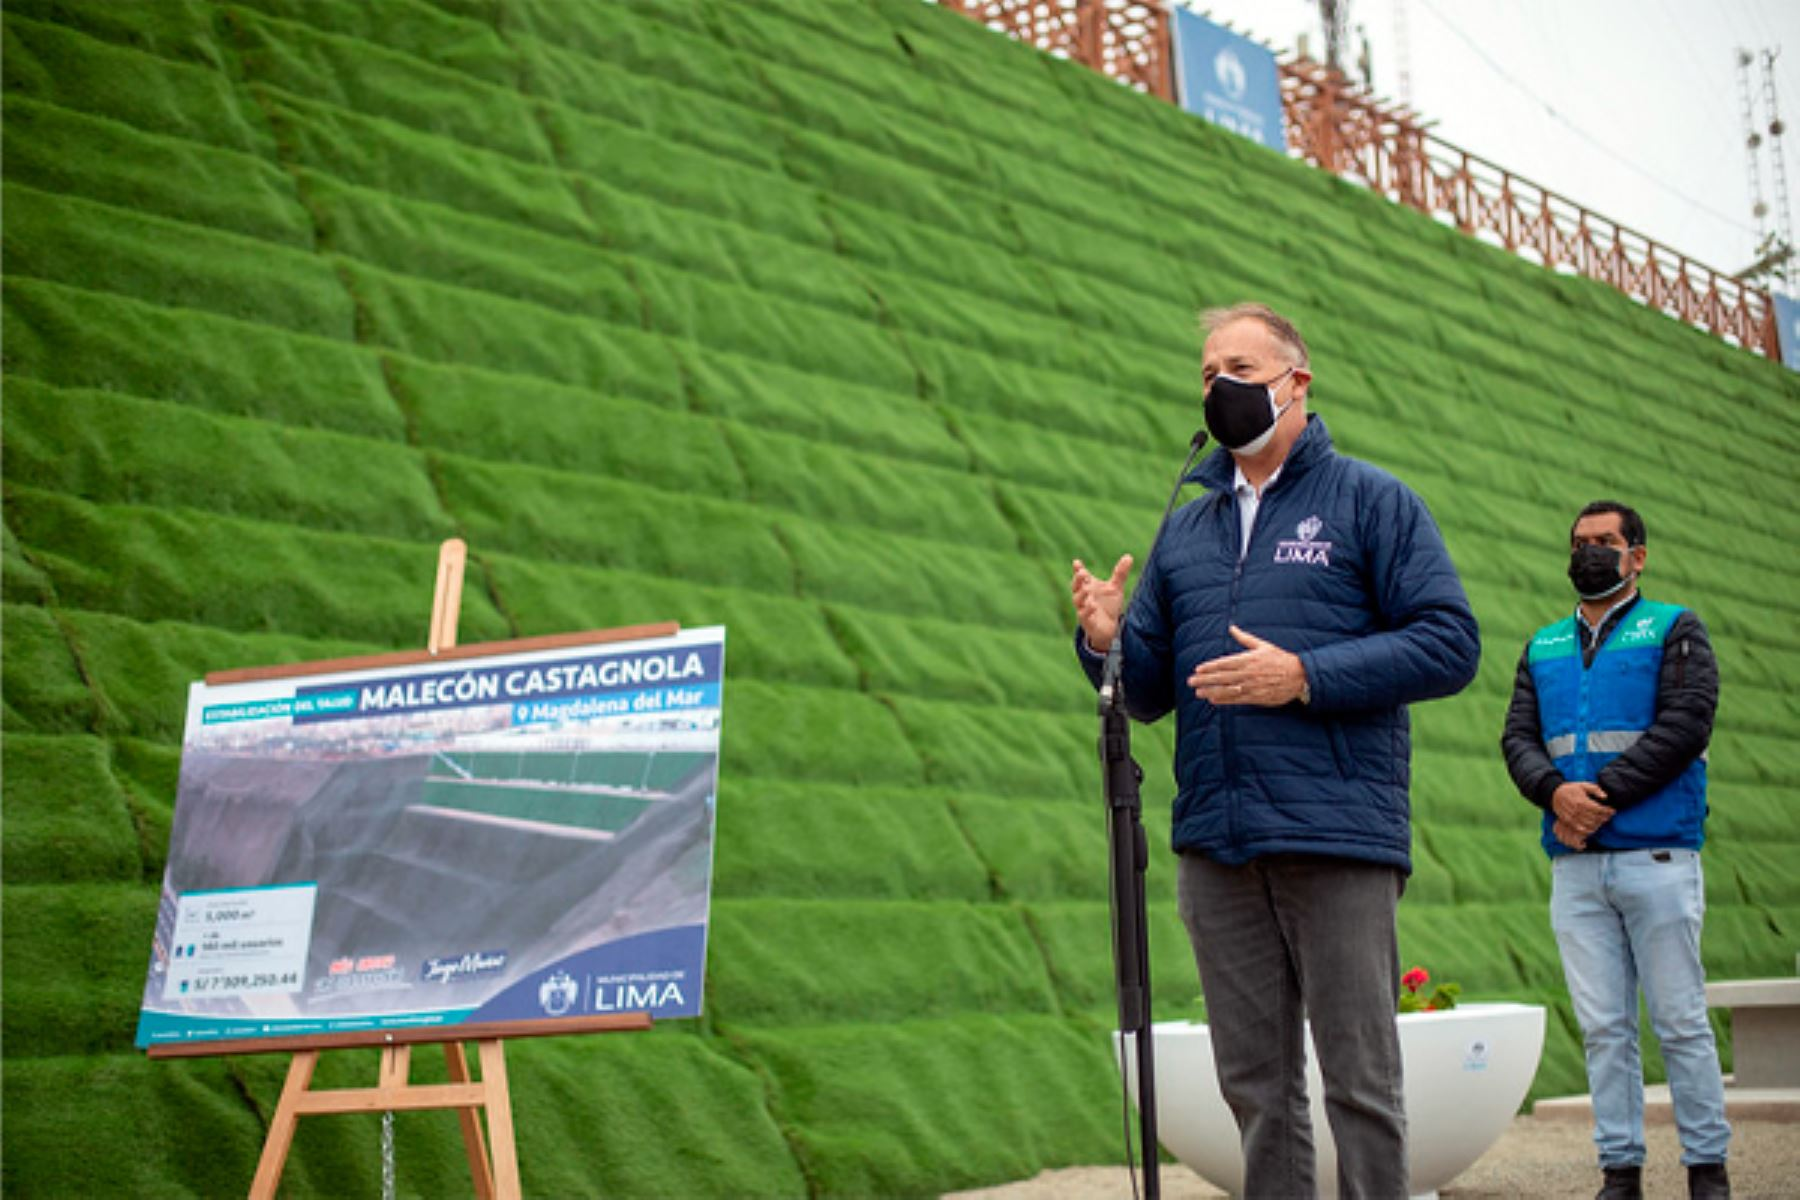 Alcalde de Lima entregó nuevo malecón Castagnola en Magdalena del Mar